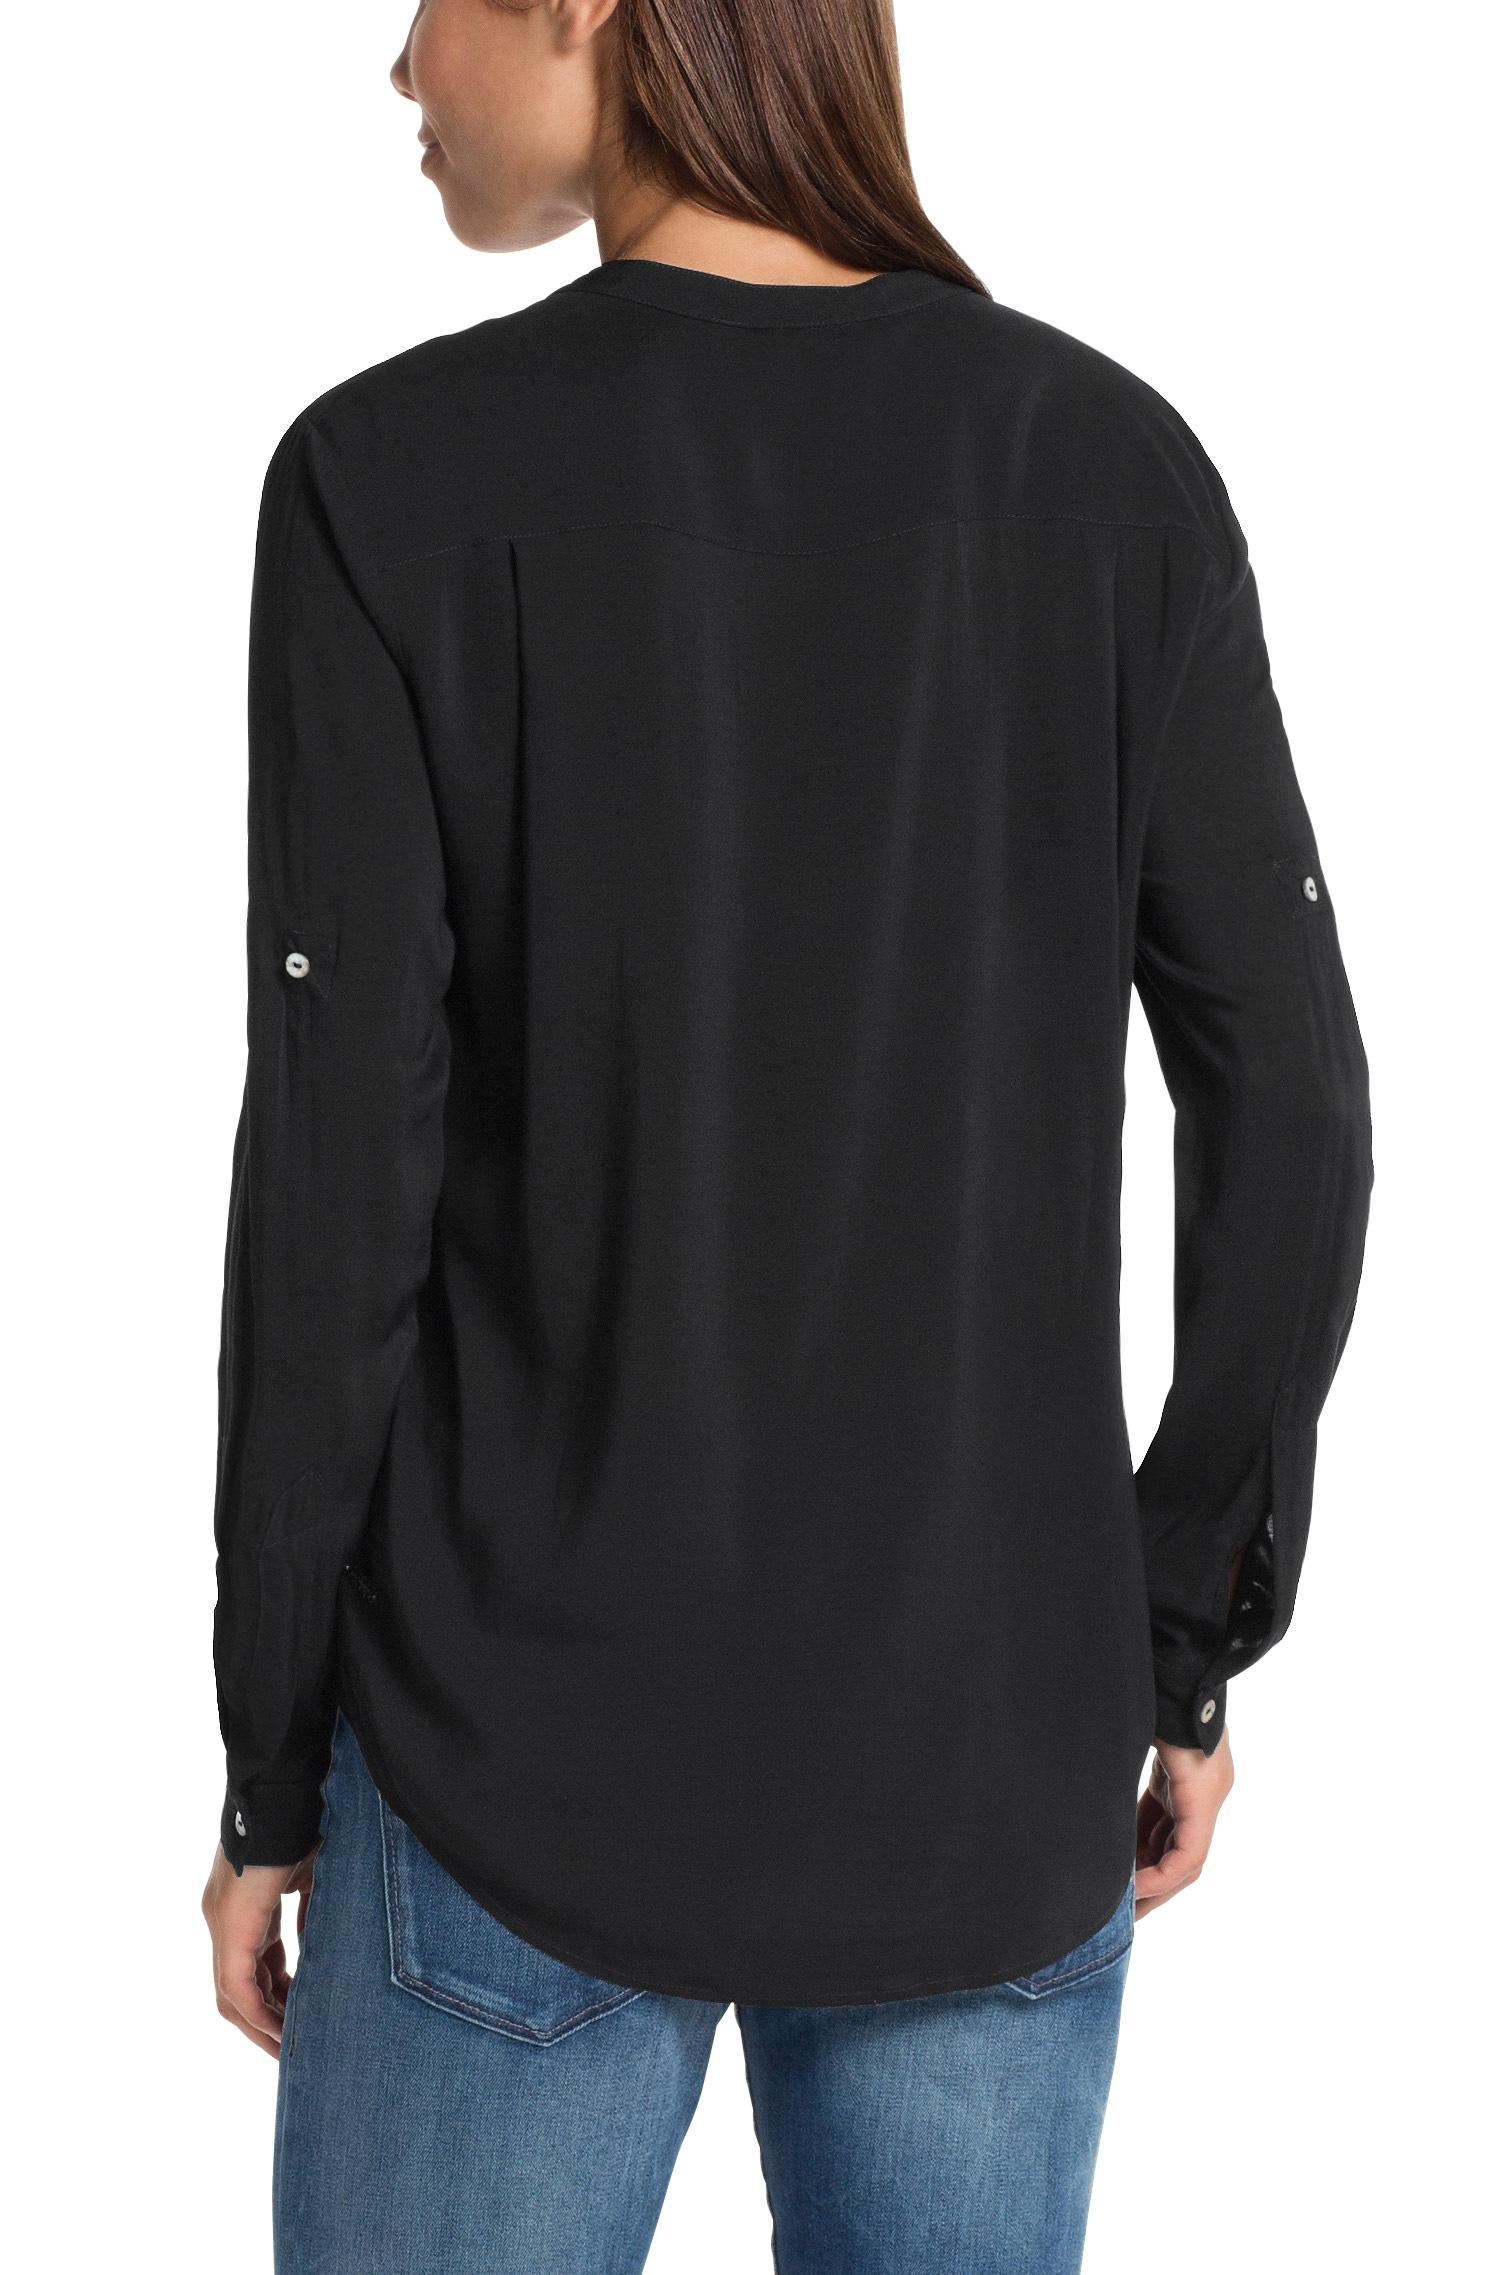 lyst boss orange blouse 39 efelize 1 39 in viscose in black. Black Bedroom Furniture Sets. Home Design Ideas